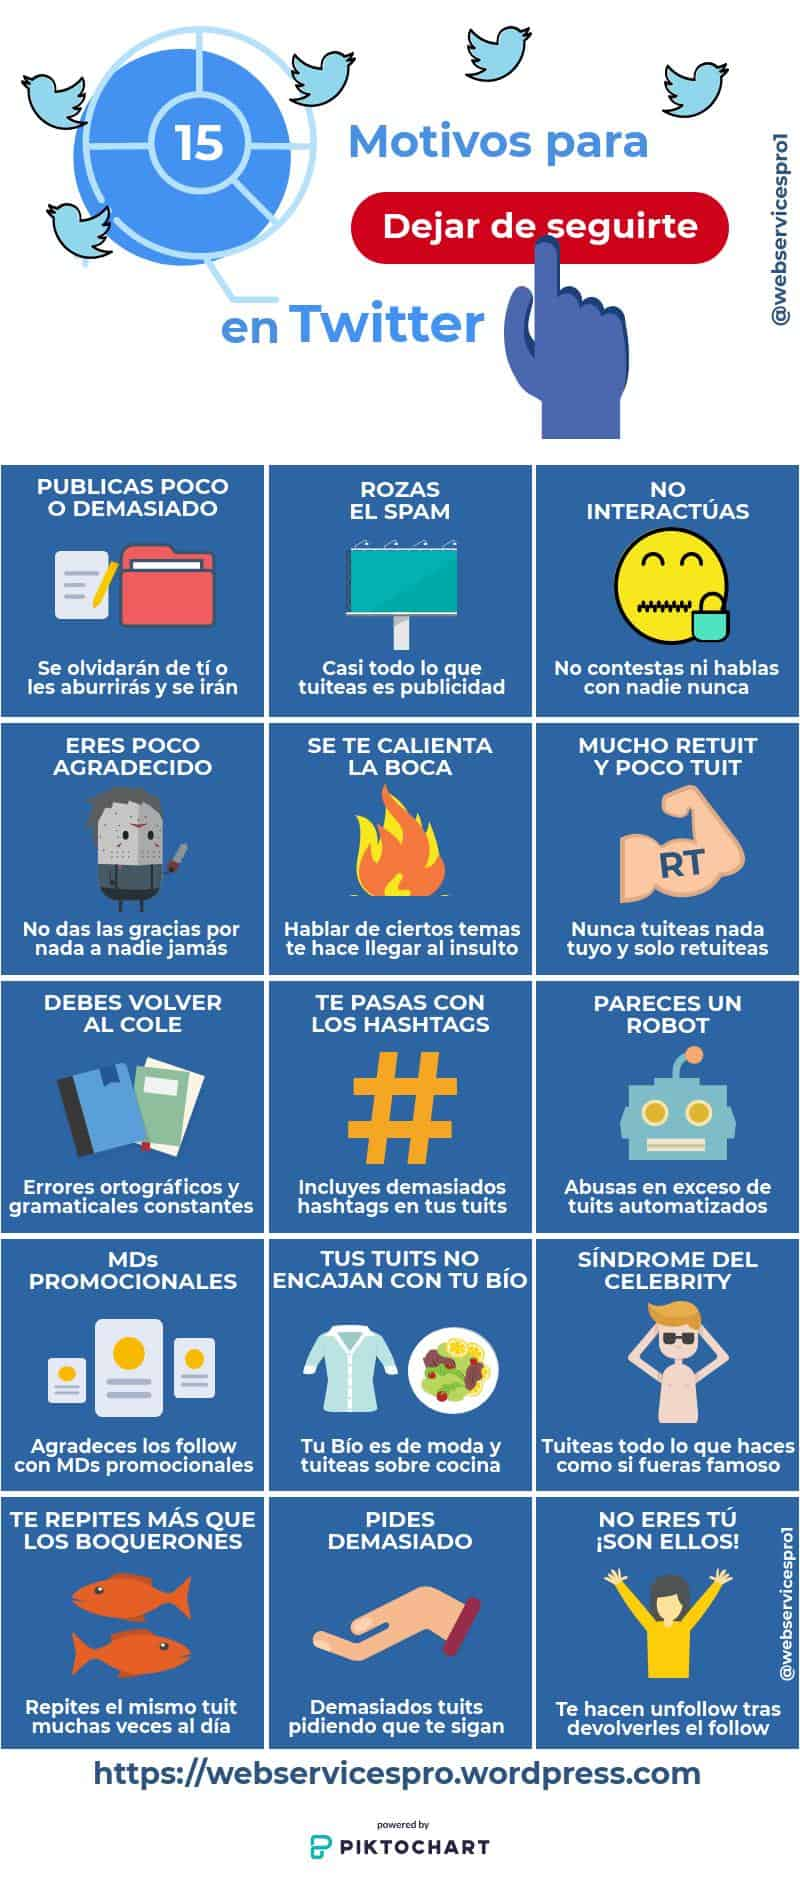 15 Motivos para dejar de seguirte en Twitter